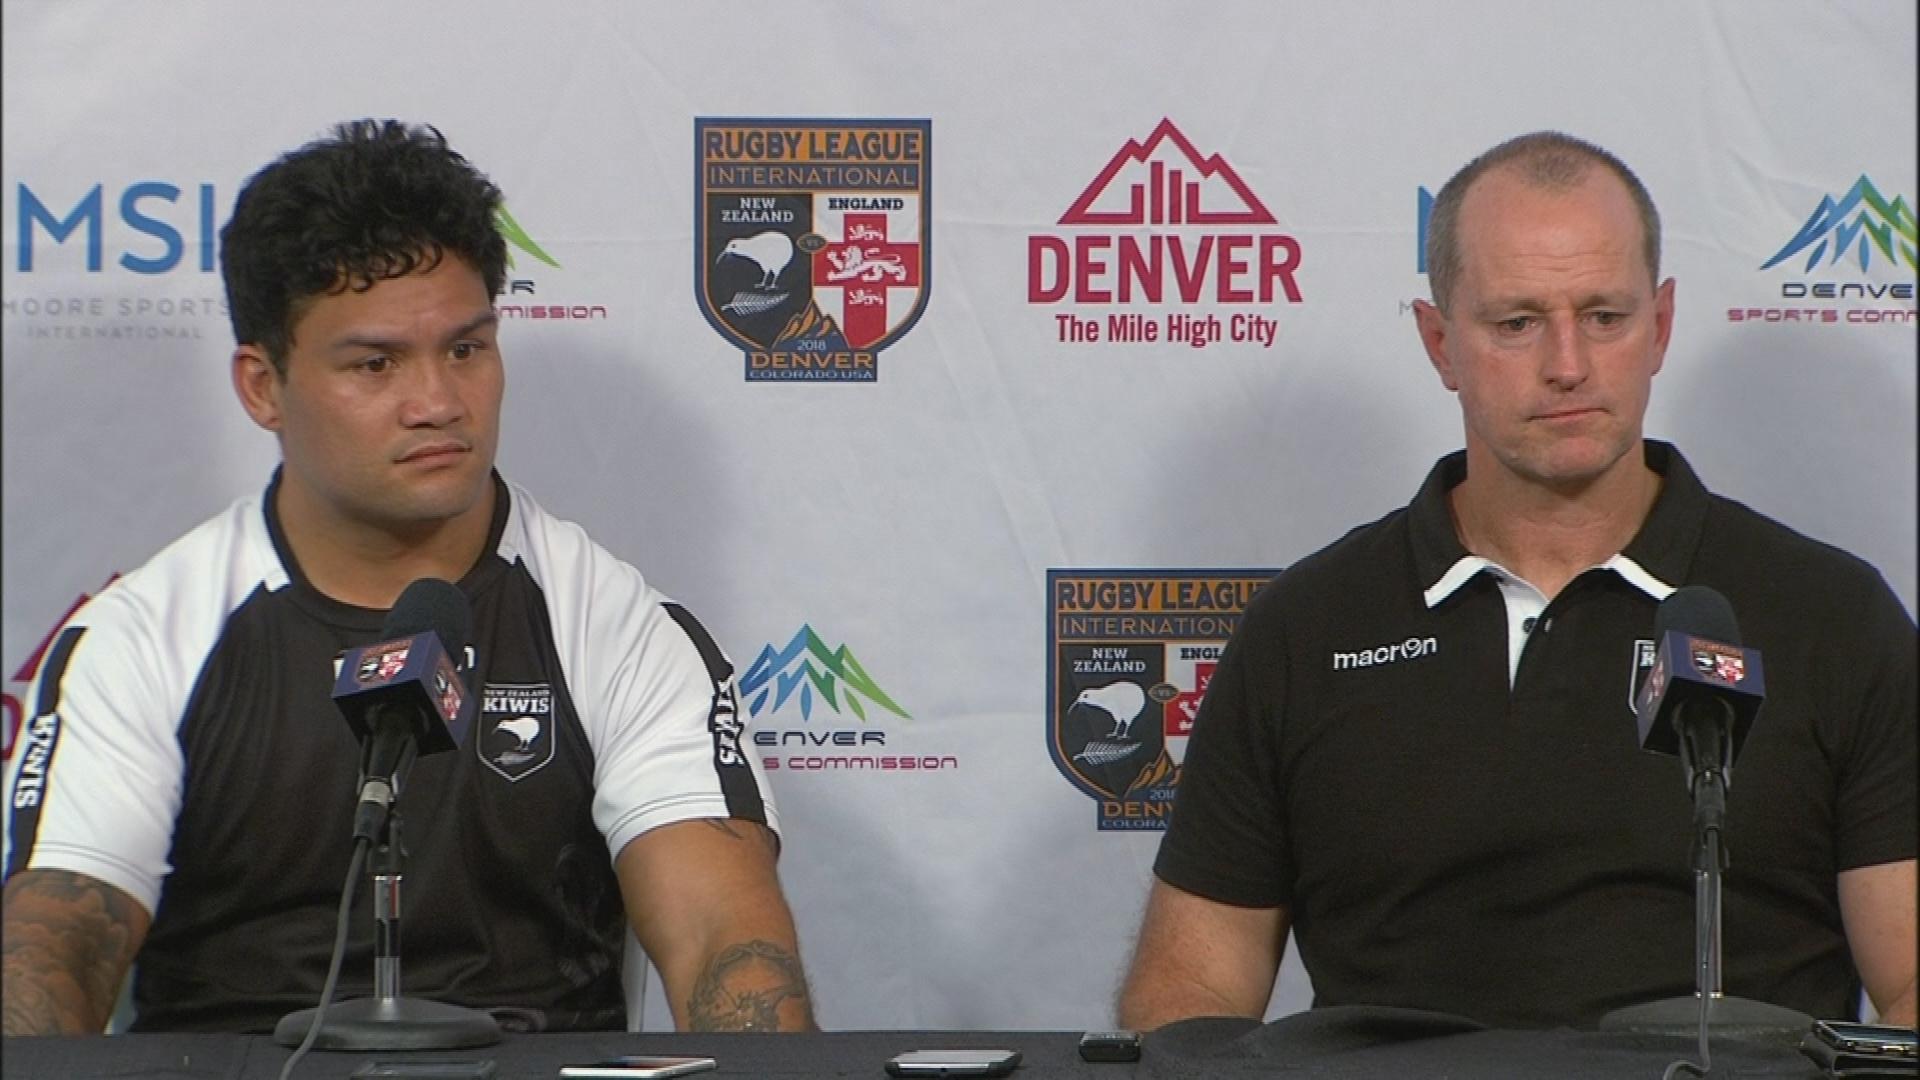 Kiwis press conference - Denver Test